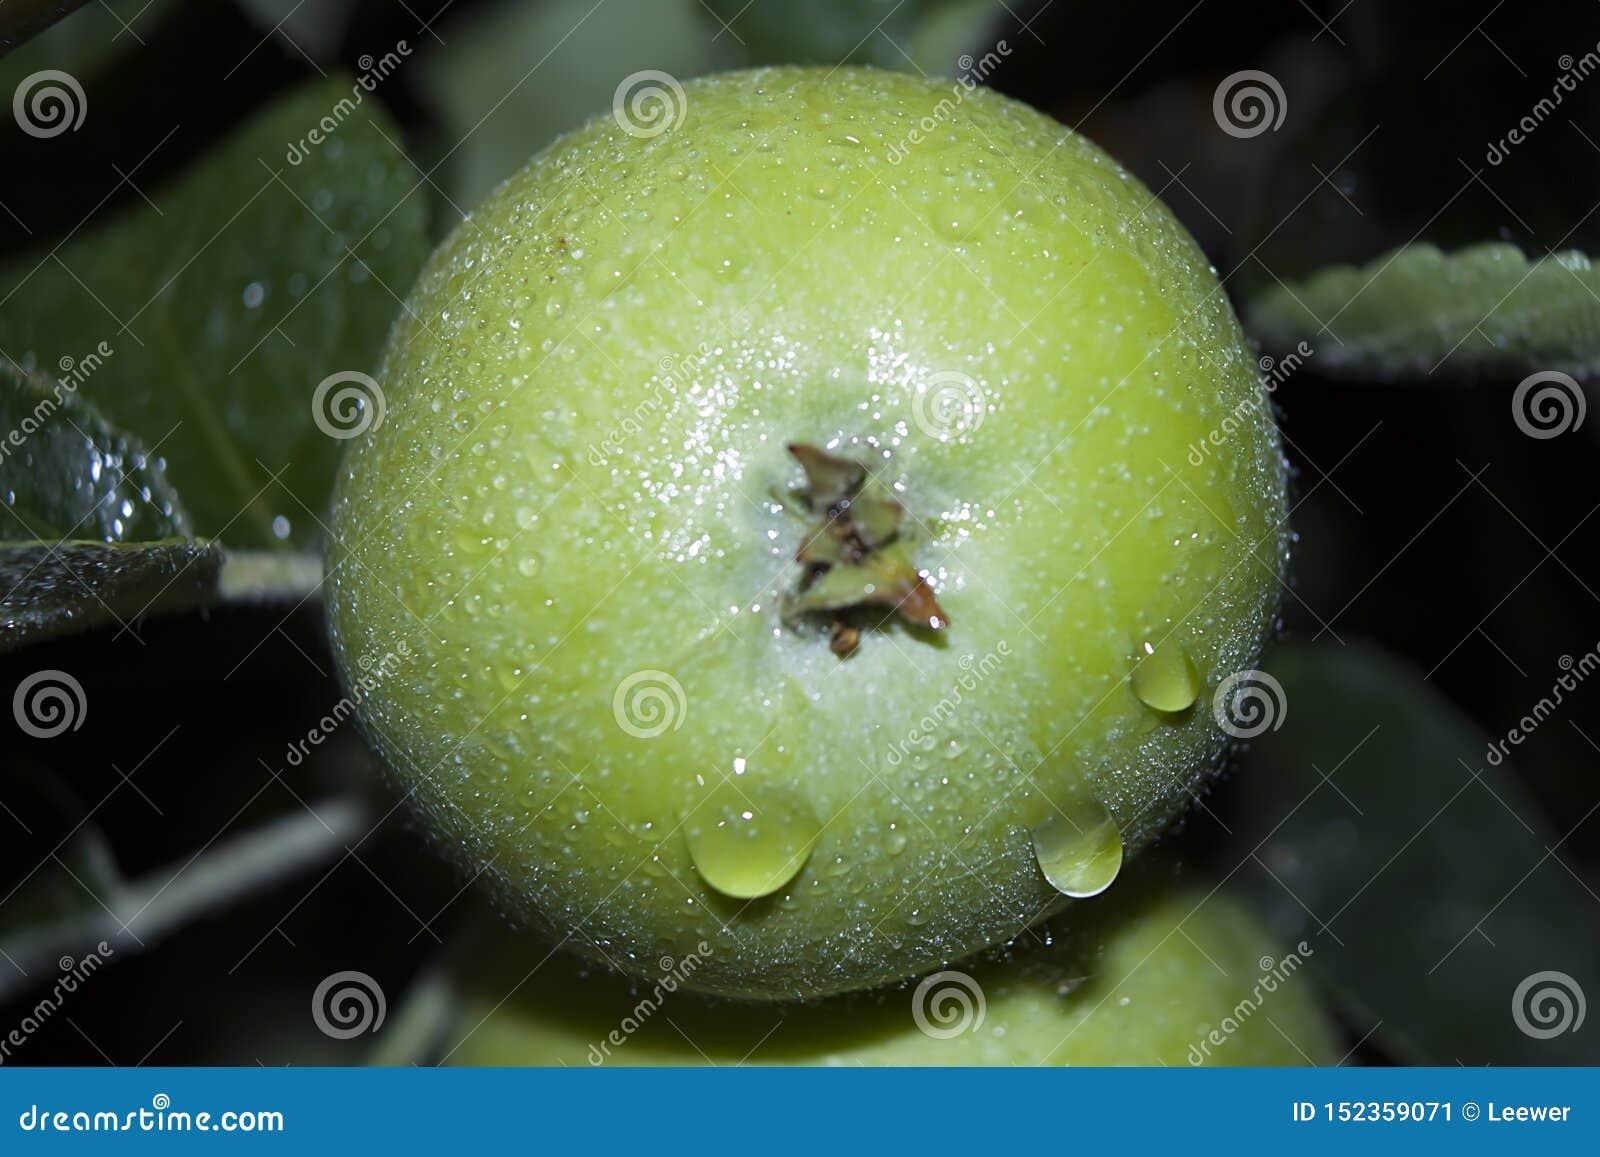 与雨珠的绿色苹果关闭